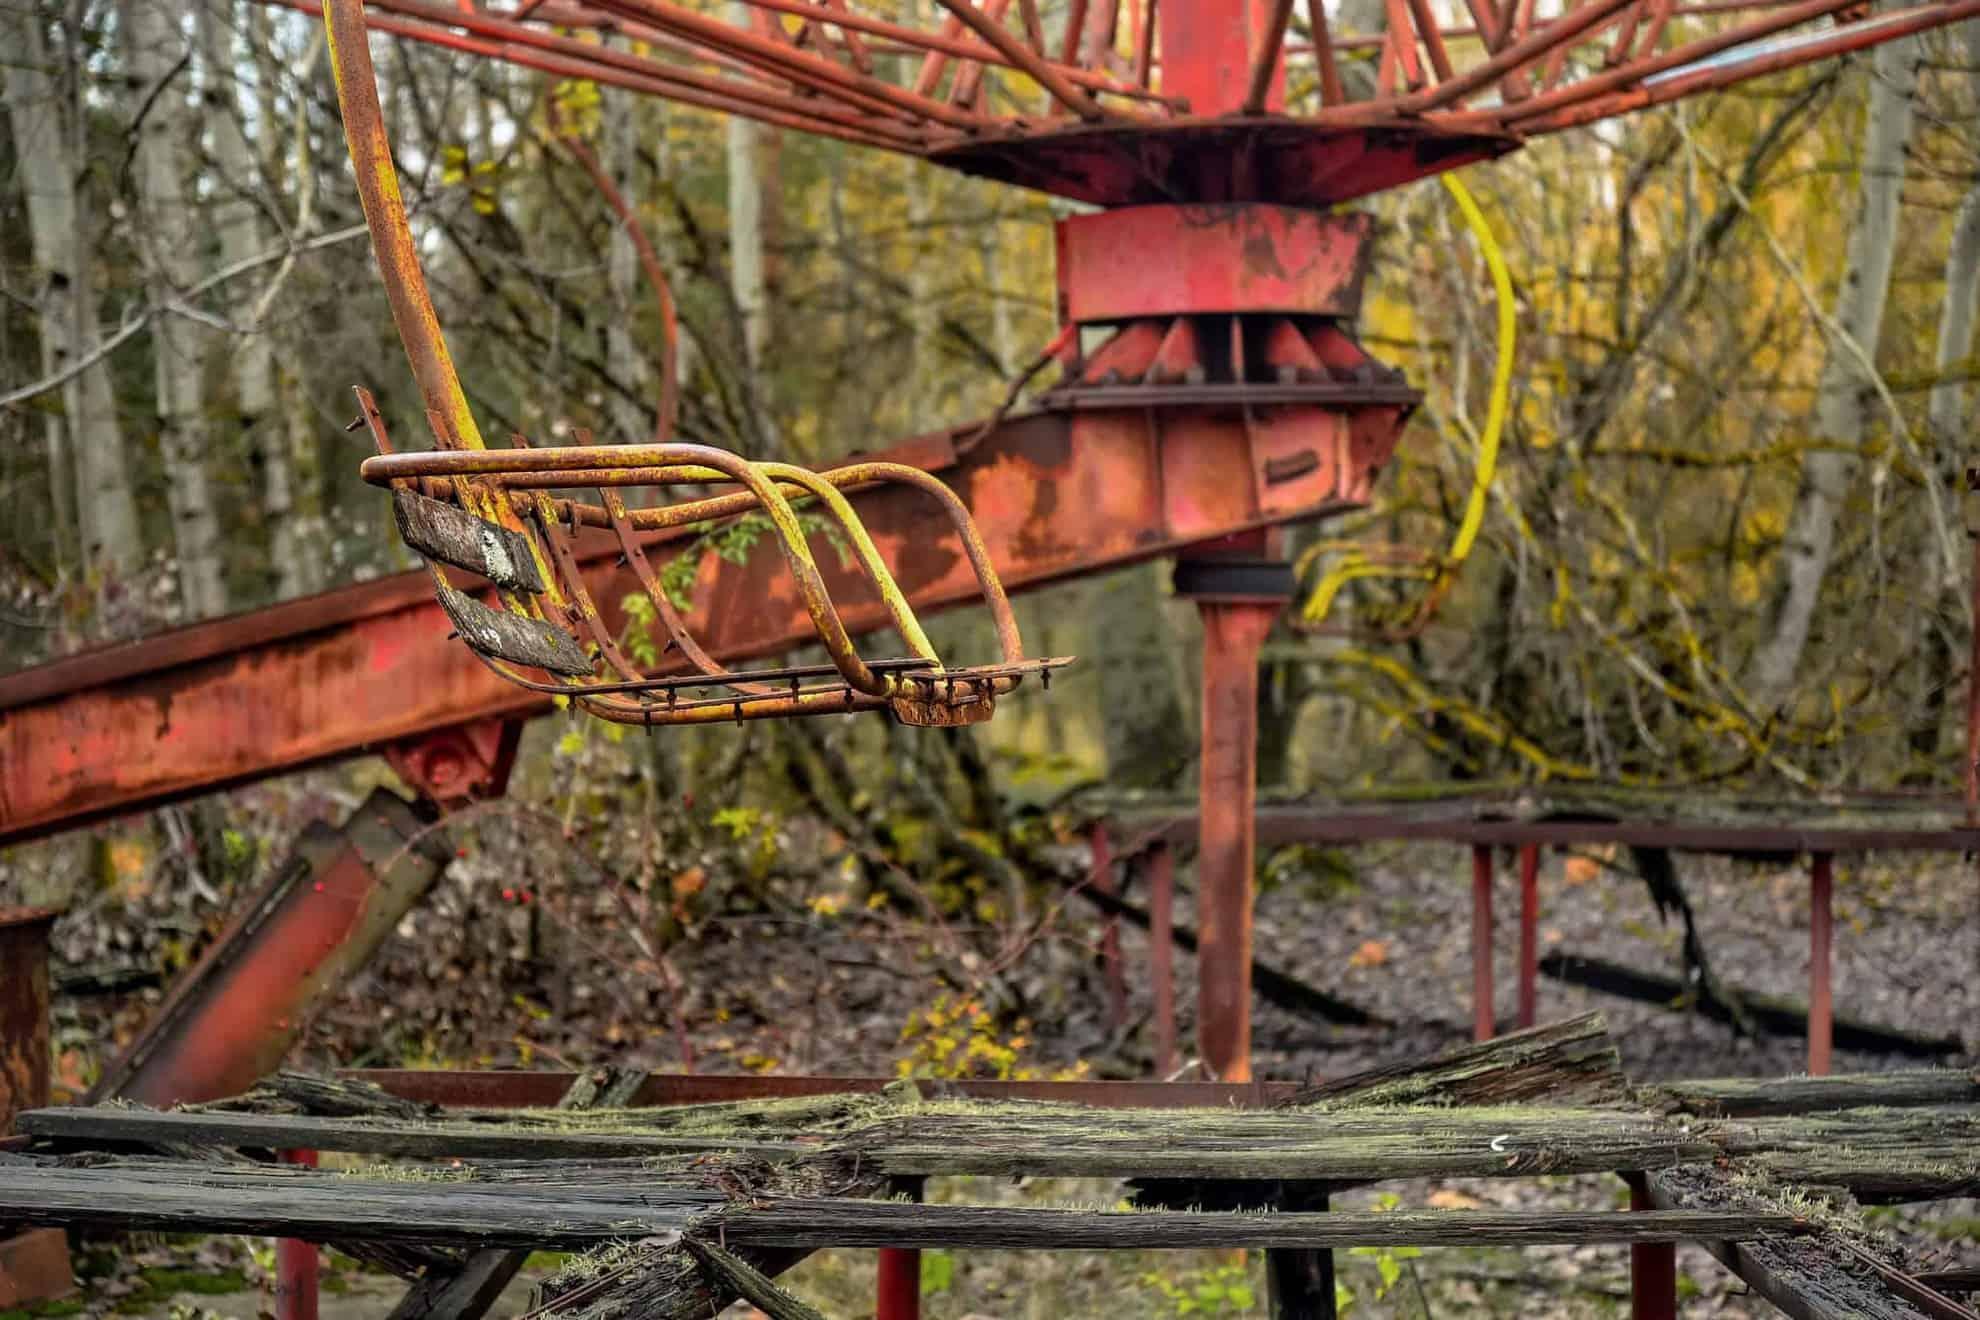 Parques de Diversiones Abandonados y Aterradores